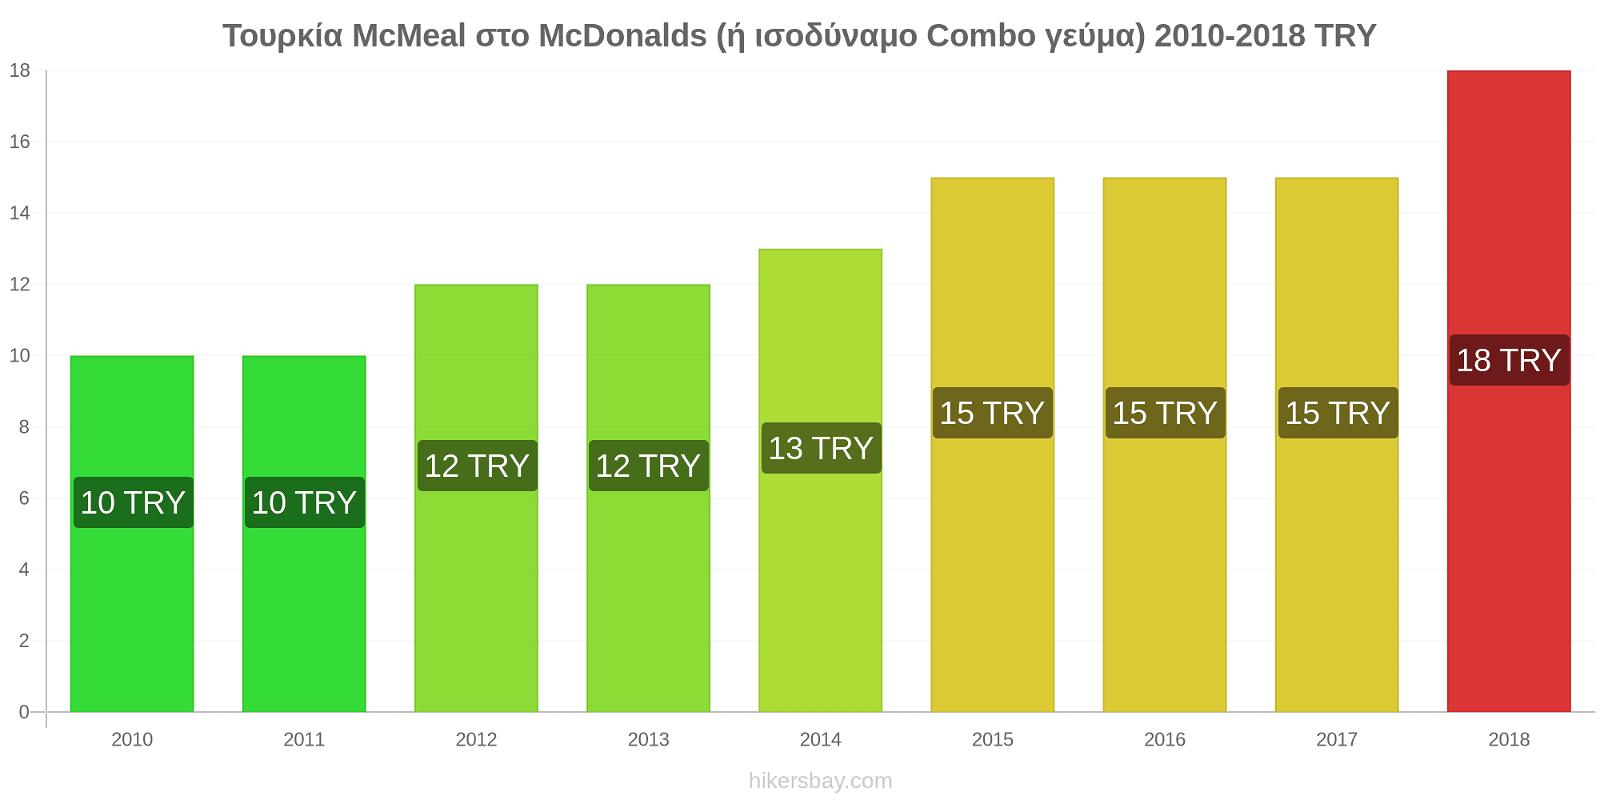 Τουρκία αλλαγές τιμών McMeal στο McDonalds (ή ισοδύναμο Combo γεύμα) hikersbay.com